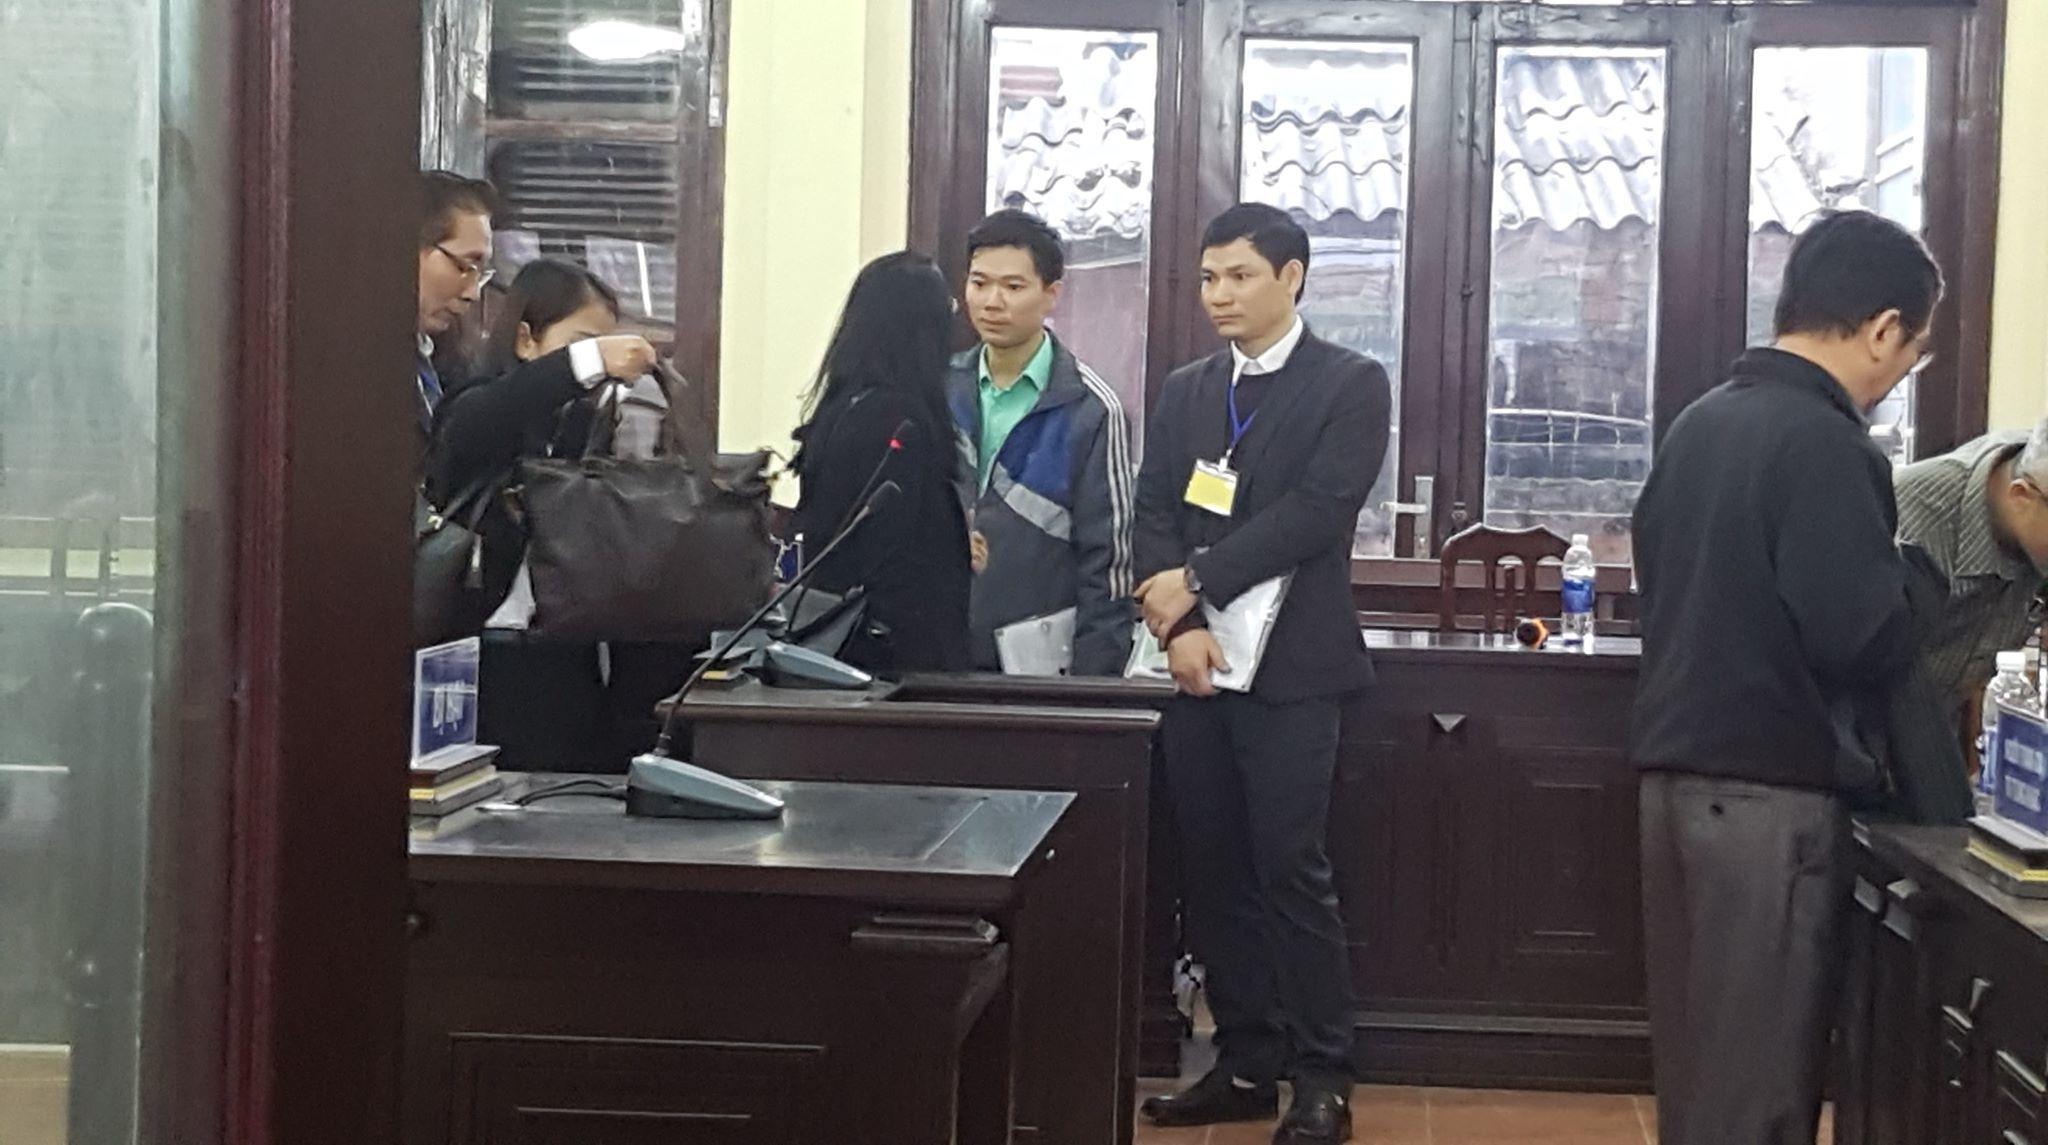 Hoàng Công Lương,chạy thận,bệnh viện Đa khoa tỉnh Hòa Bình,xét xử bác sĩ Hoàng Công Lương,Hòa Bình